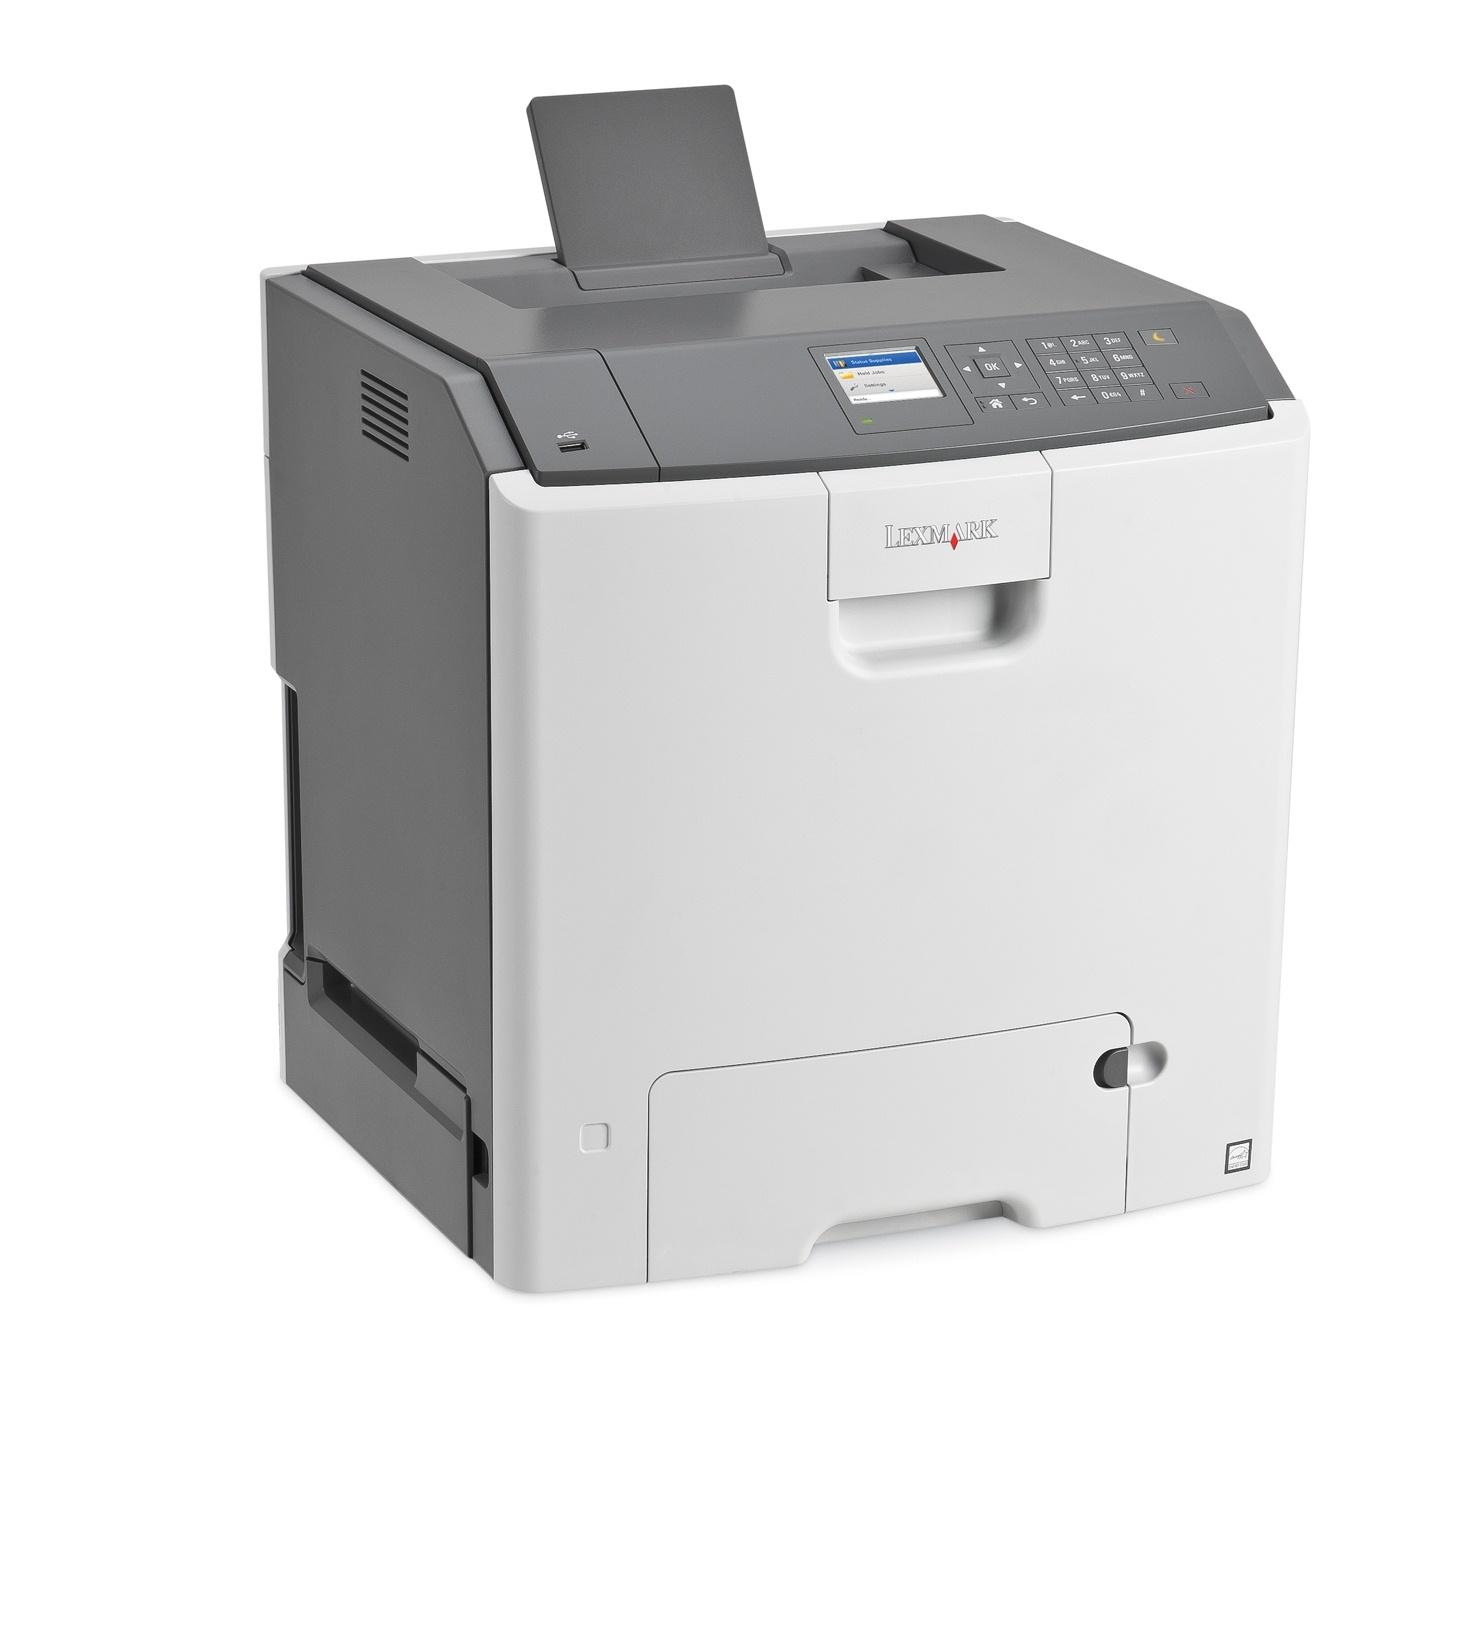 Lexmark C746n,A4,1200x1200dpi,33ppm,LAN